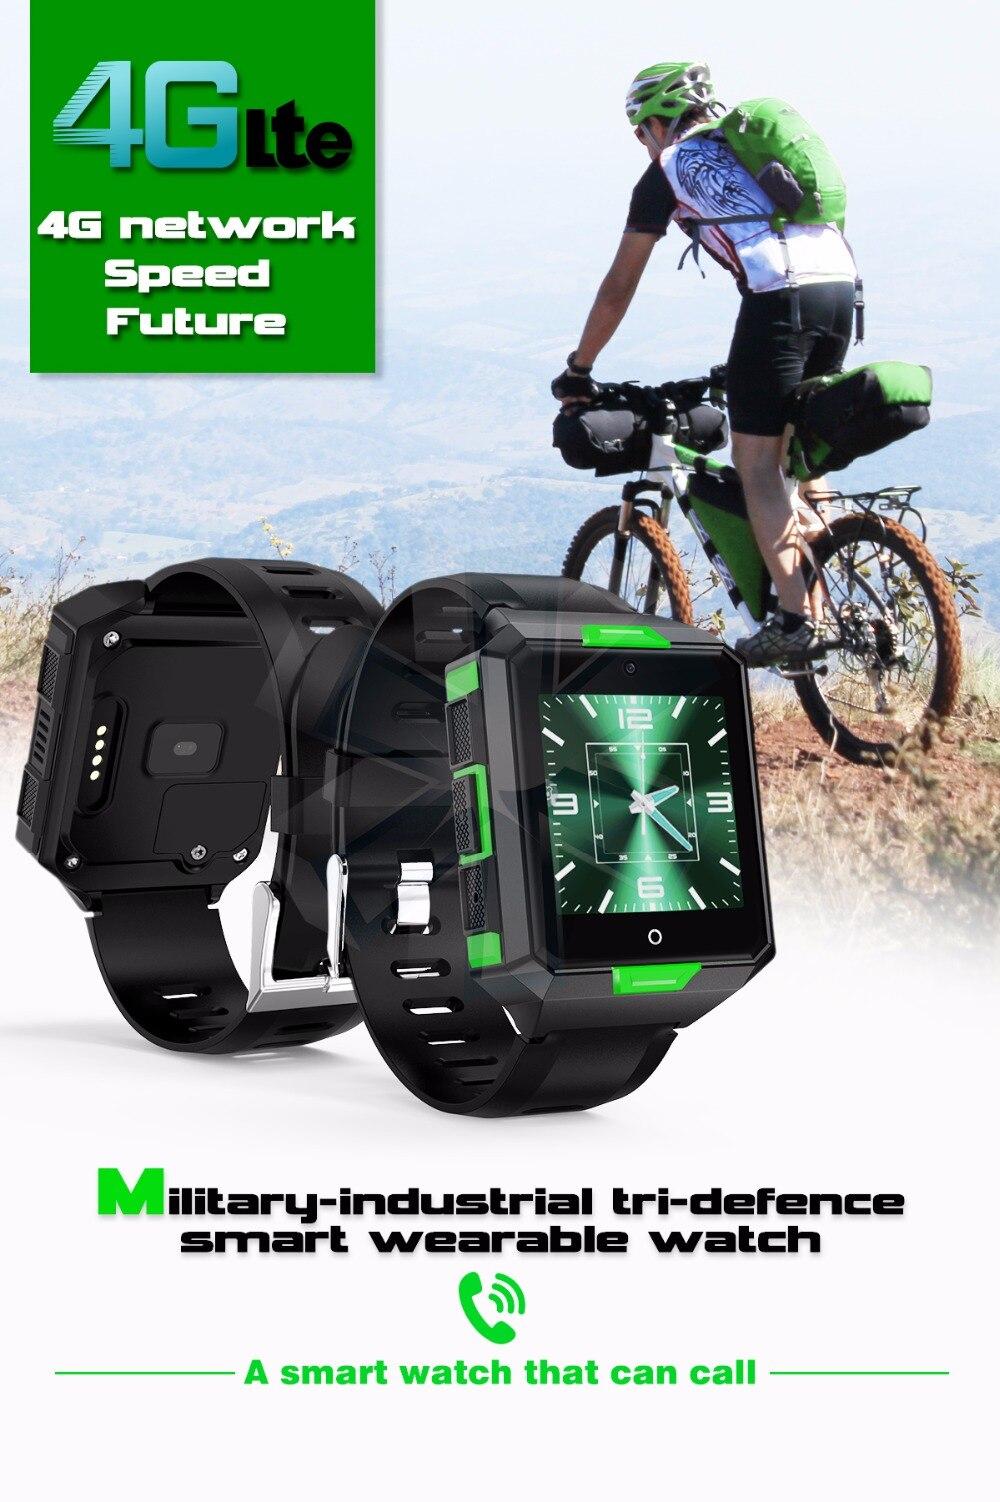 MTK6737 armée 4G montre intelligente tension artérielle fréquence cardiaque montre-bracelet carte SIM appel vidéo musique Wifi militaire Smartphone montres 8 gb